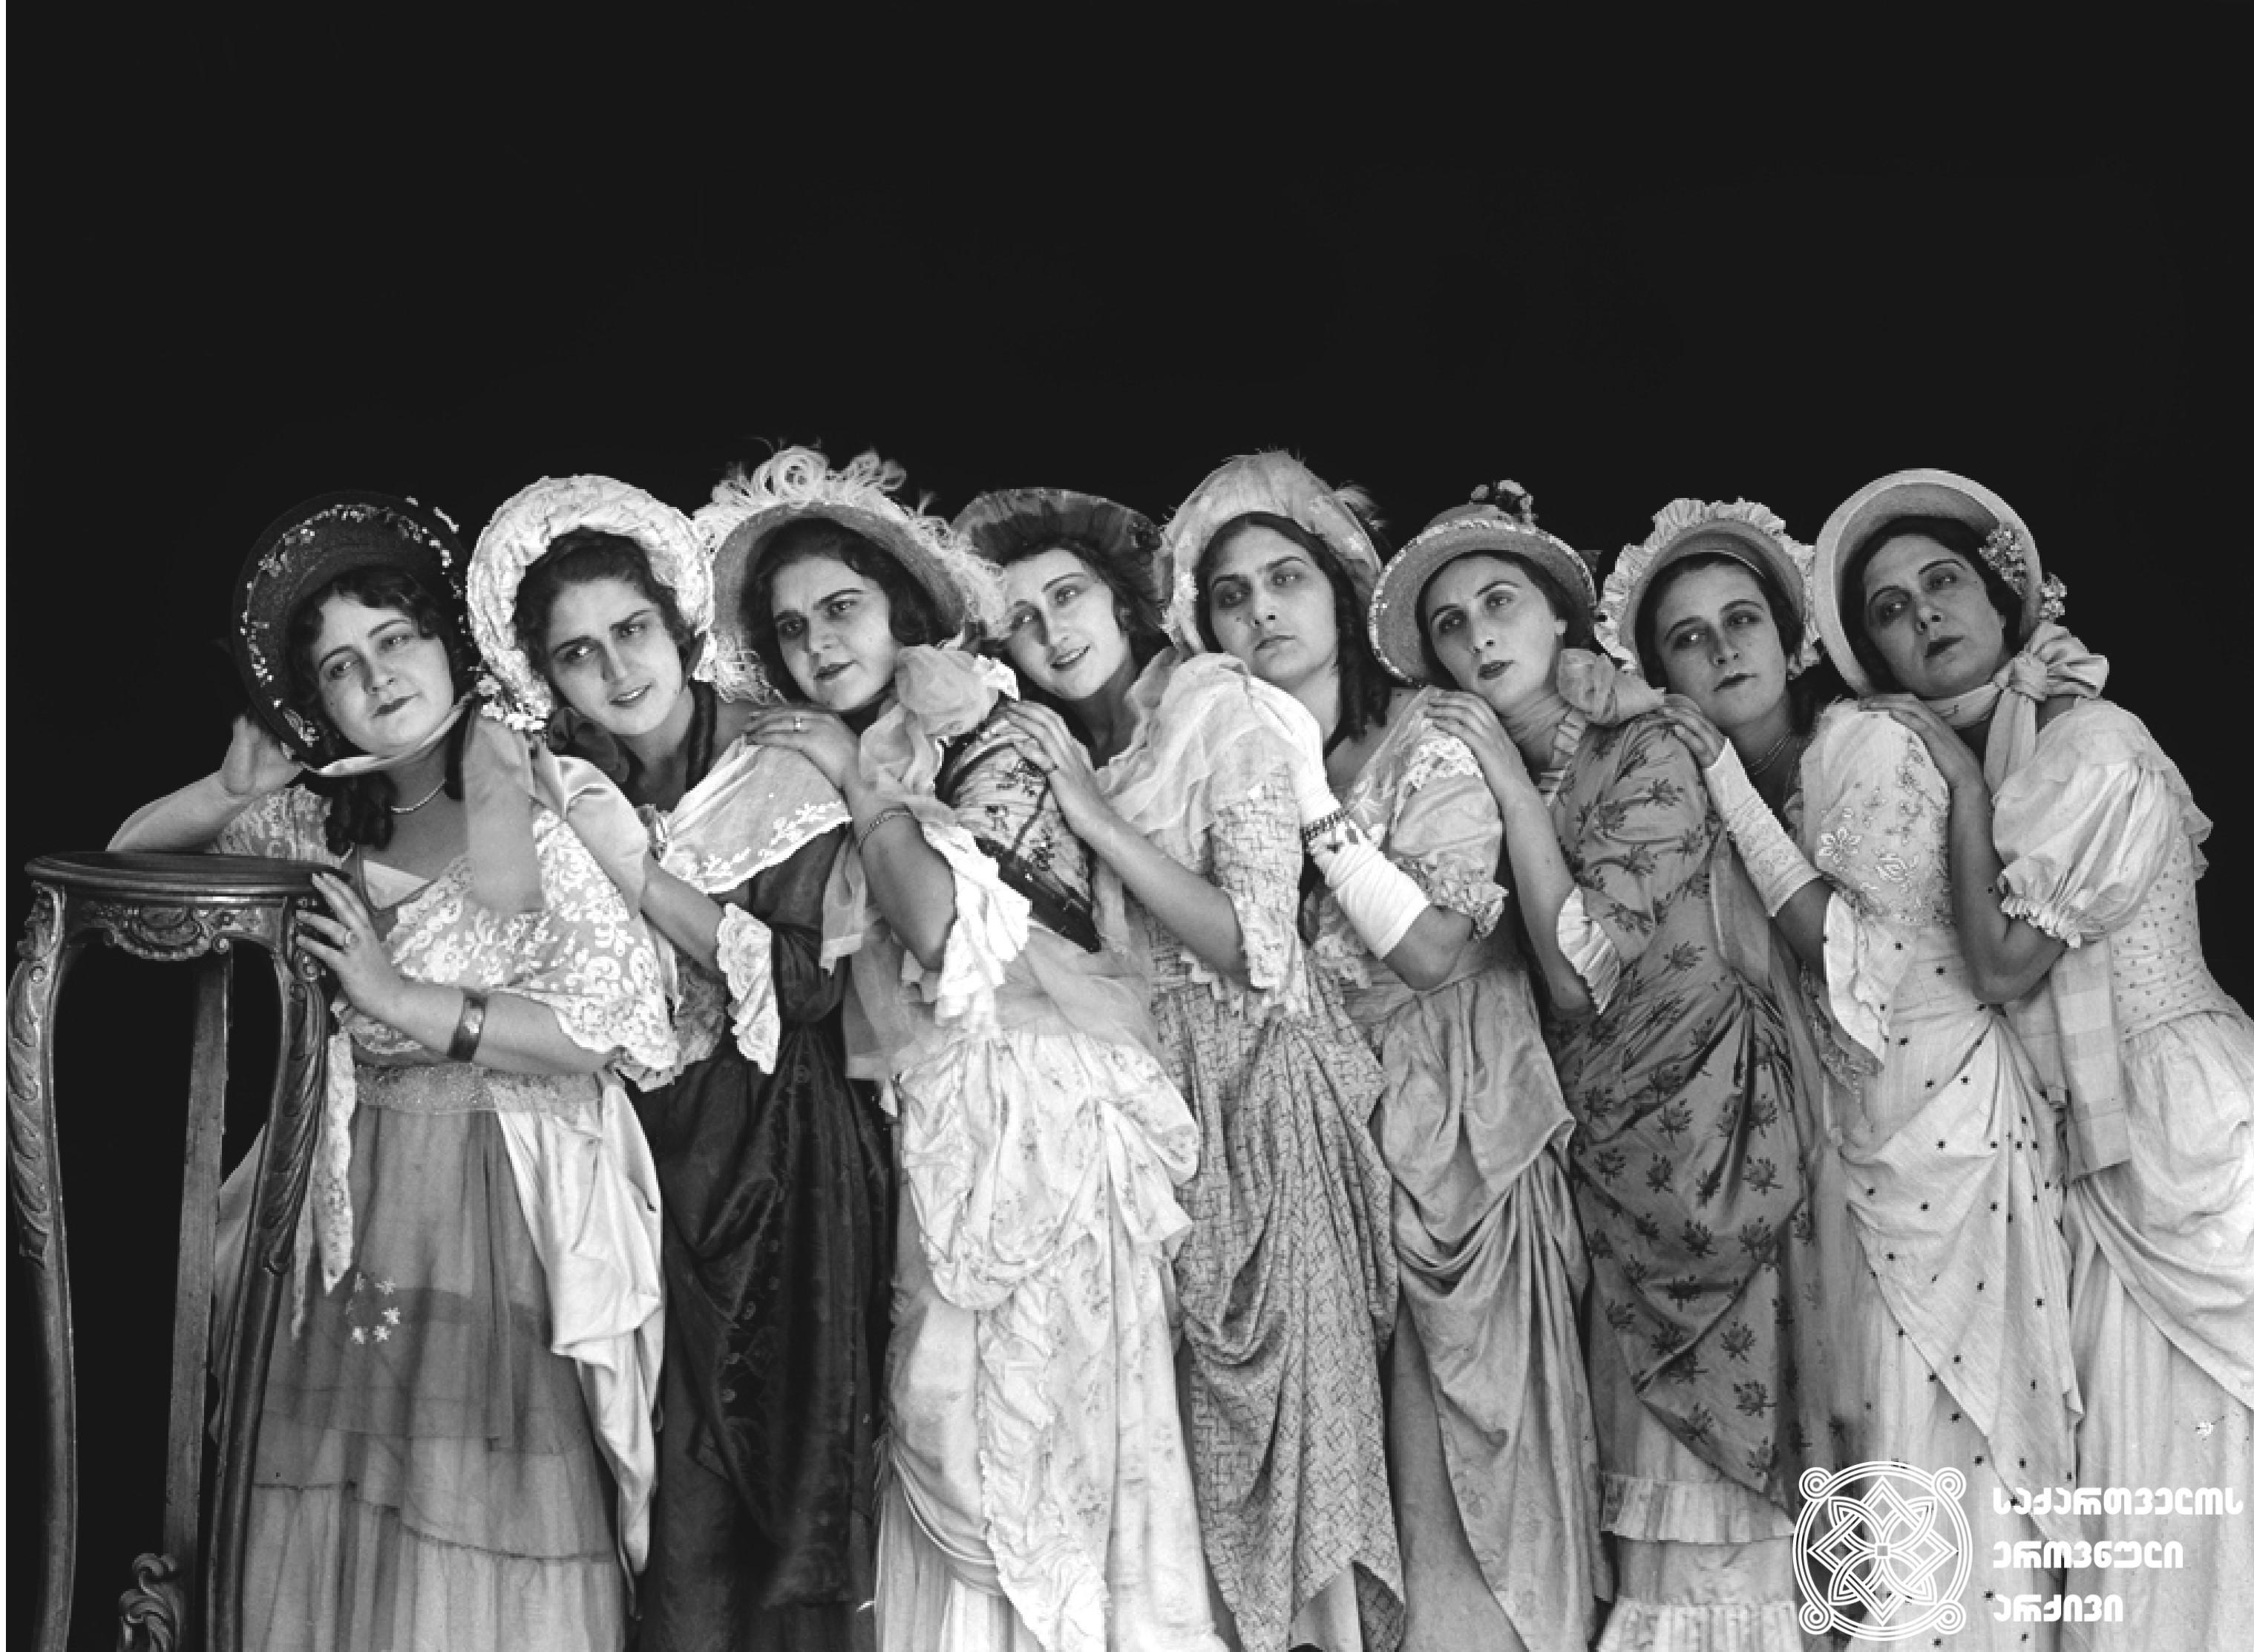 """მხატვრული ფილმი """"ხანუმა"""", გადასაღები მოედანი.  <br>რეჟისორი: ალექსანდრე წუწუნავა, 1926  <br> Feature film """"Khanuma"""", filming location.  <br>Director: Aleksandre Tsutsunava, 1926"""